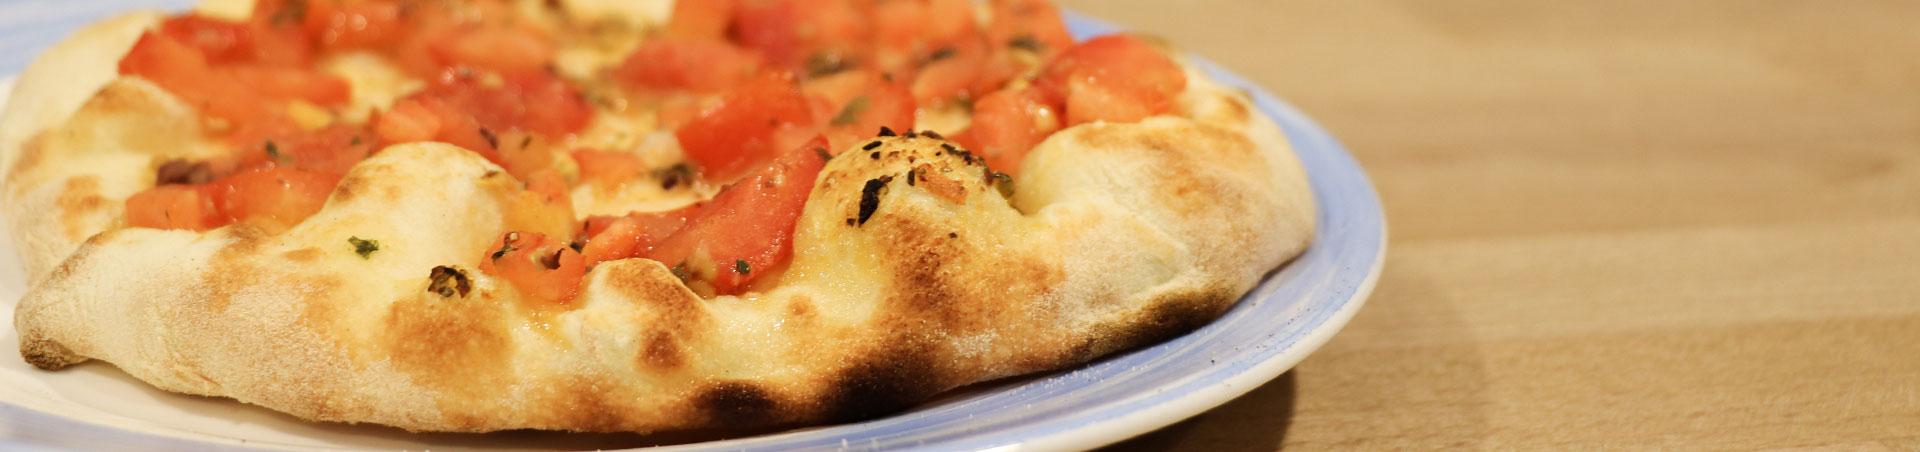 Doppeleiche_Restaurant_Pizzeria_Hotel_Fehmarn_Kinder_9994.jpg